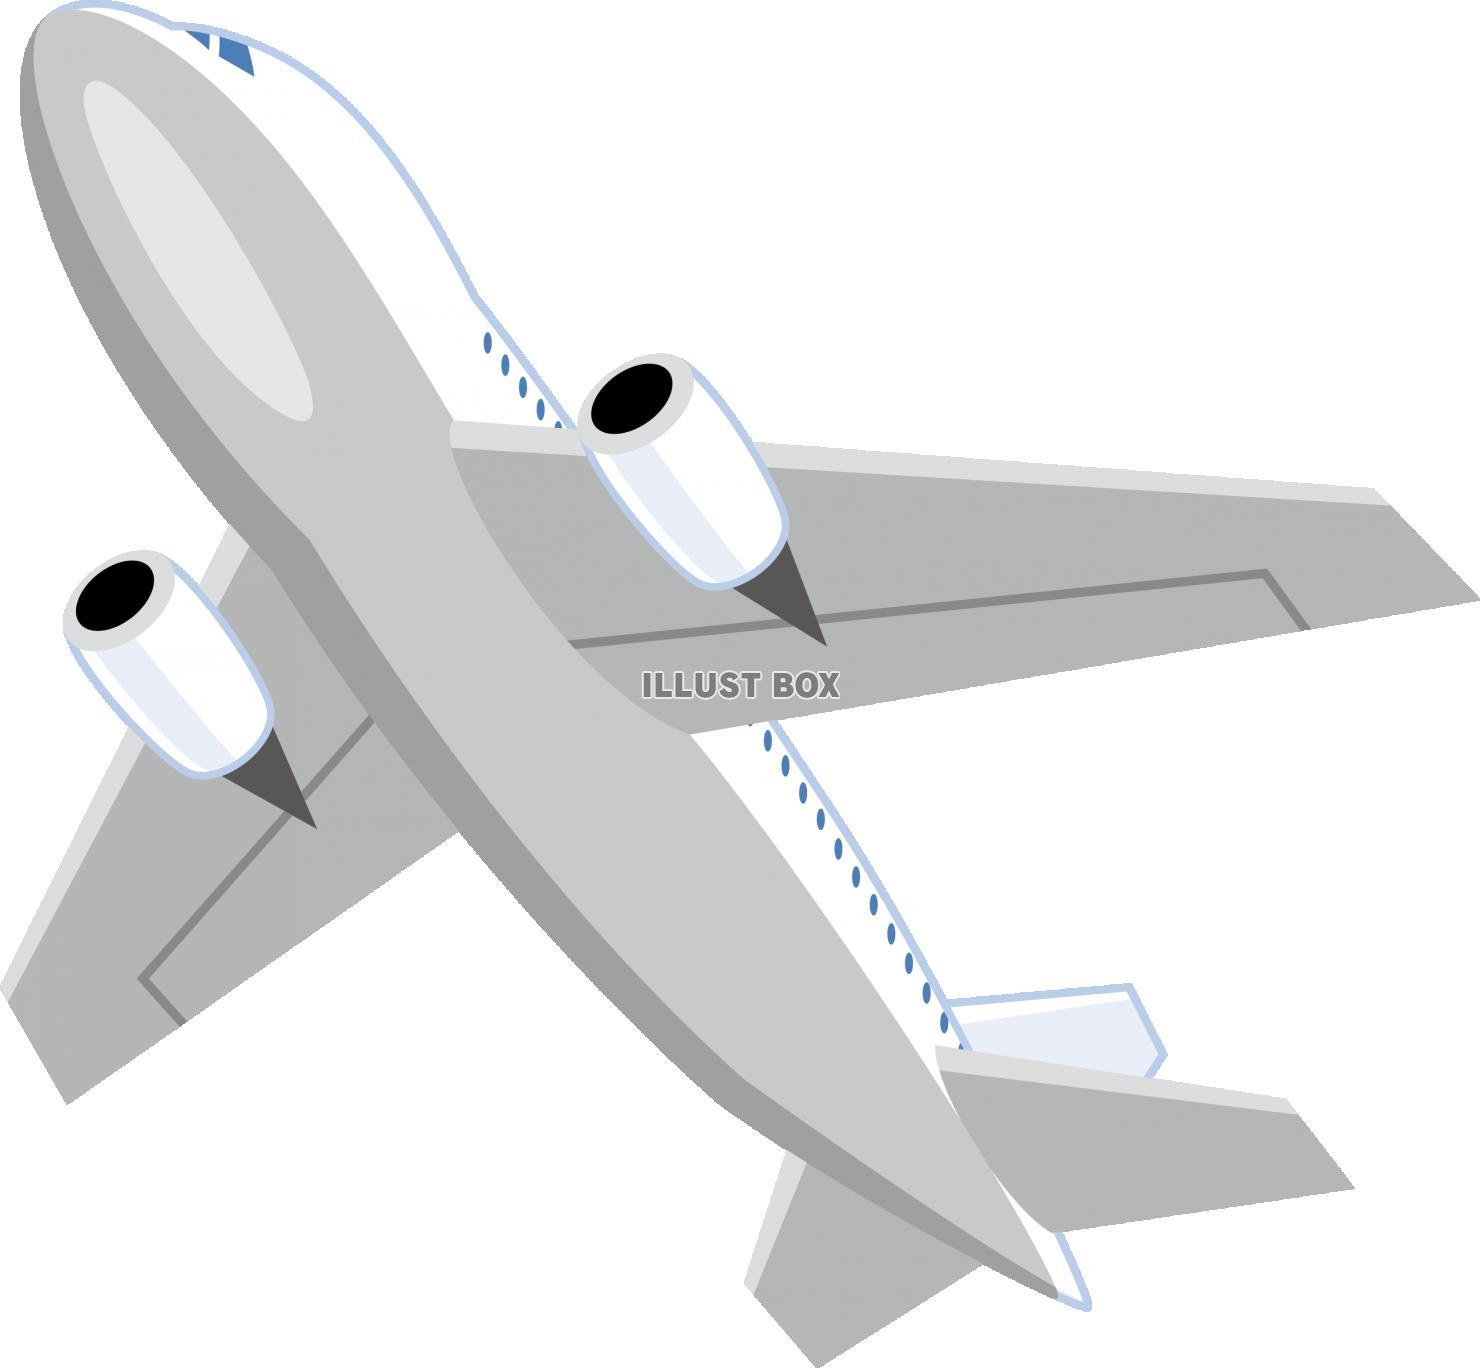 無料イラスト 飛行機 ジェット機